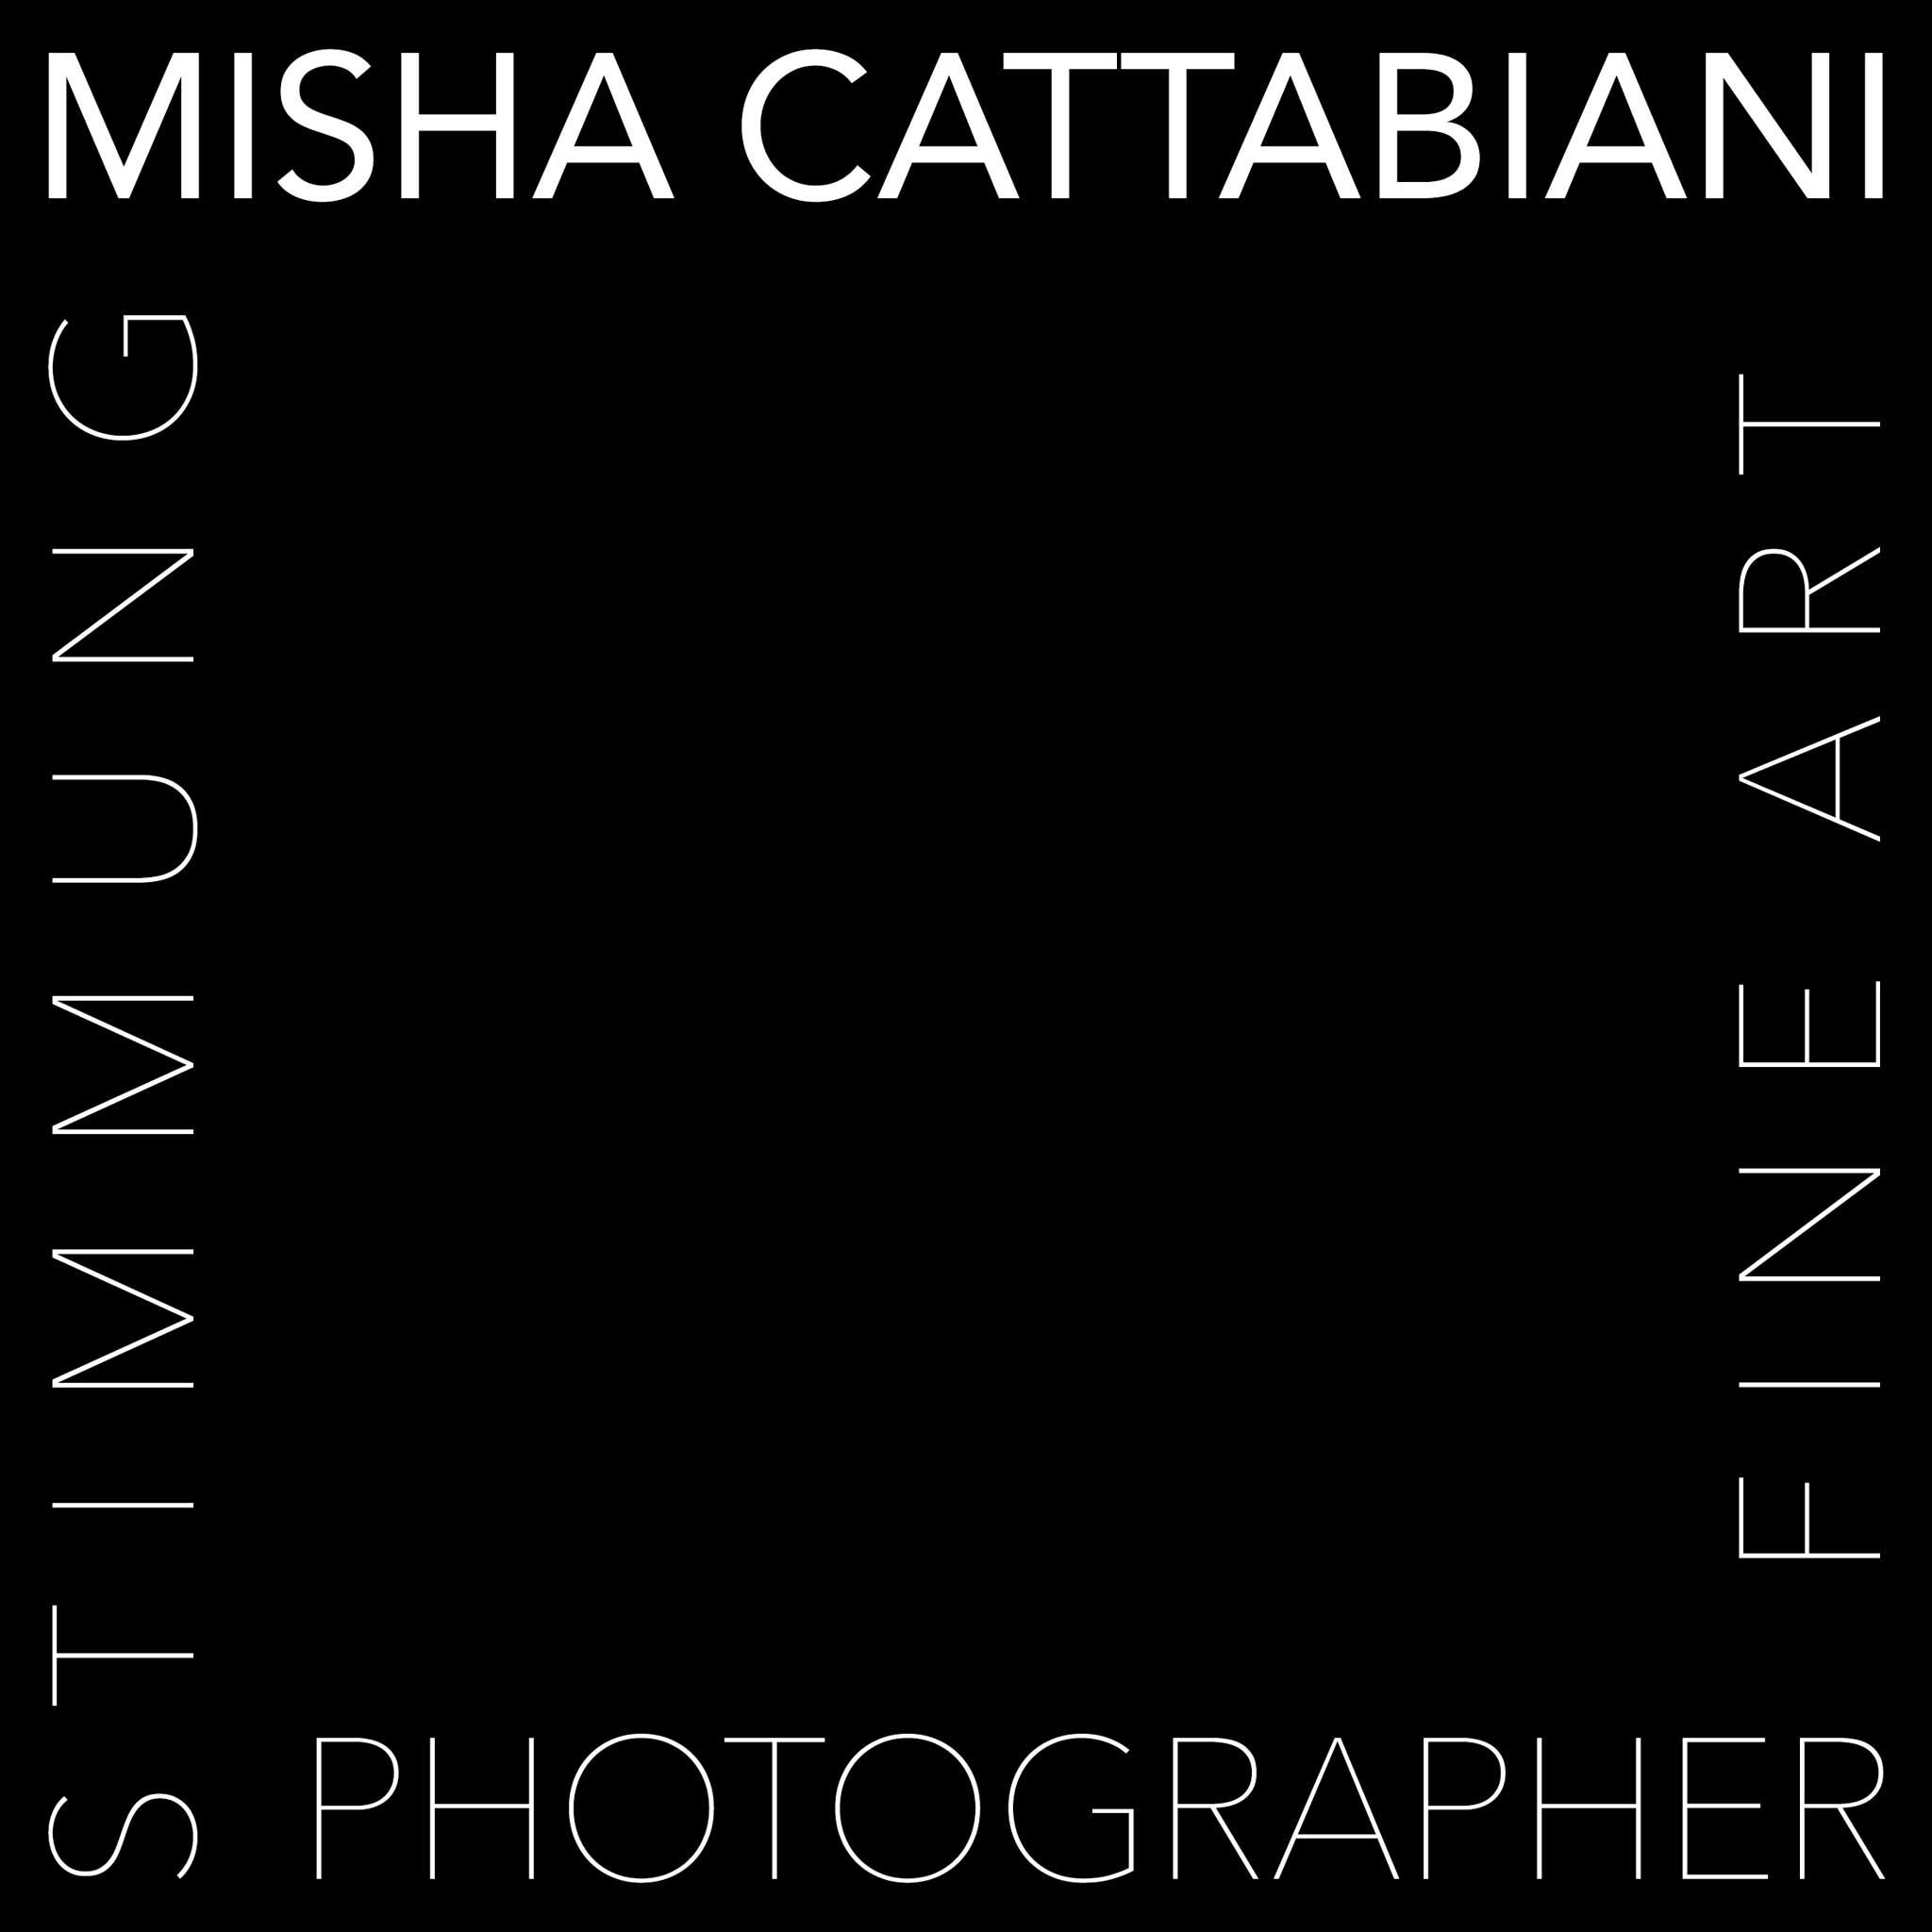 Misha Cattabiani